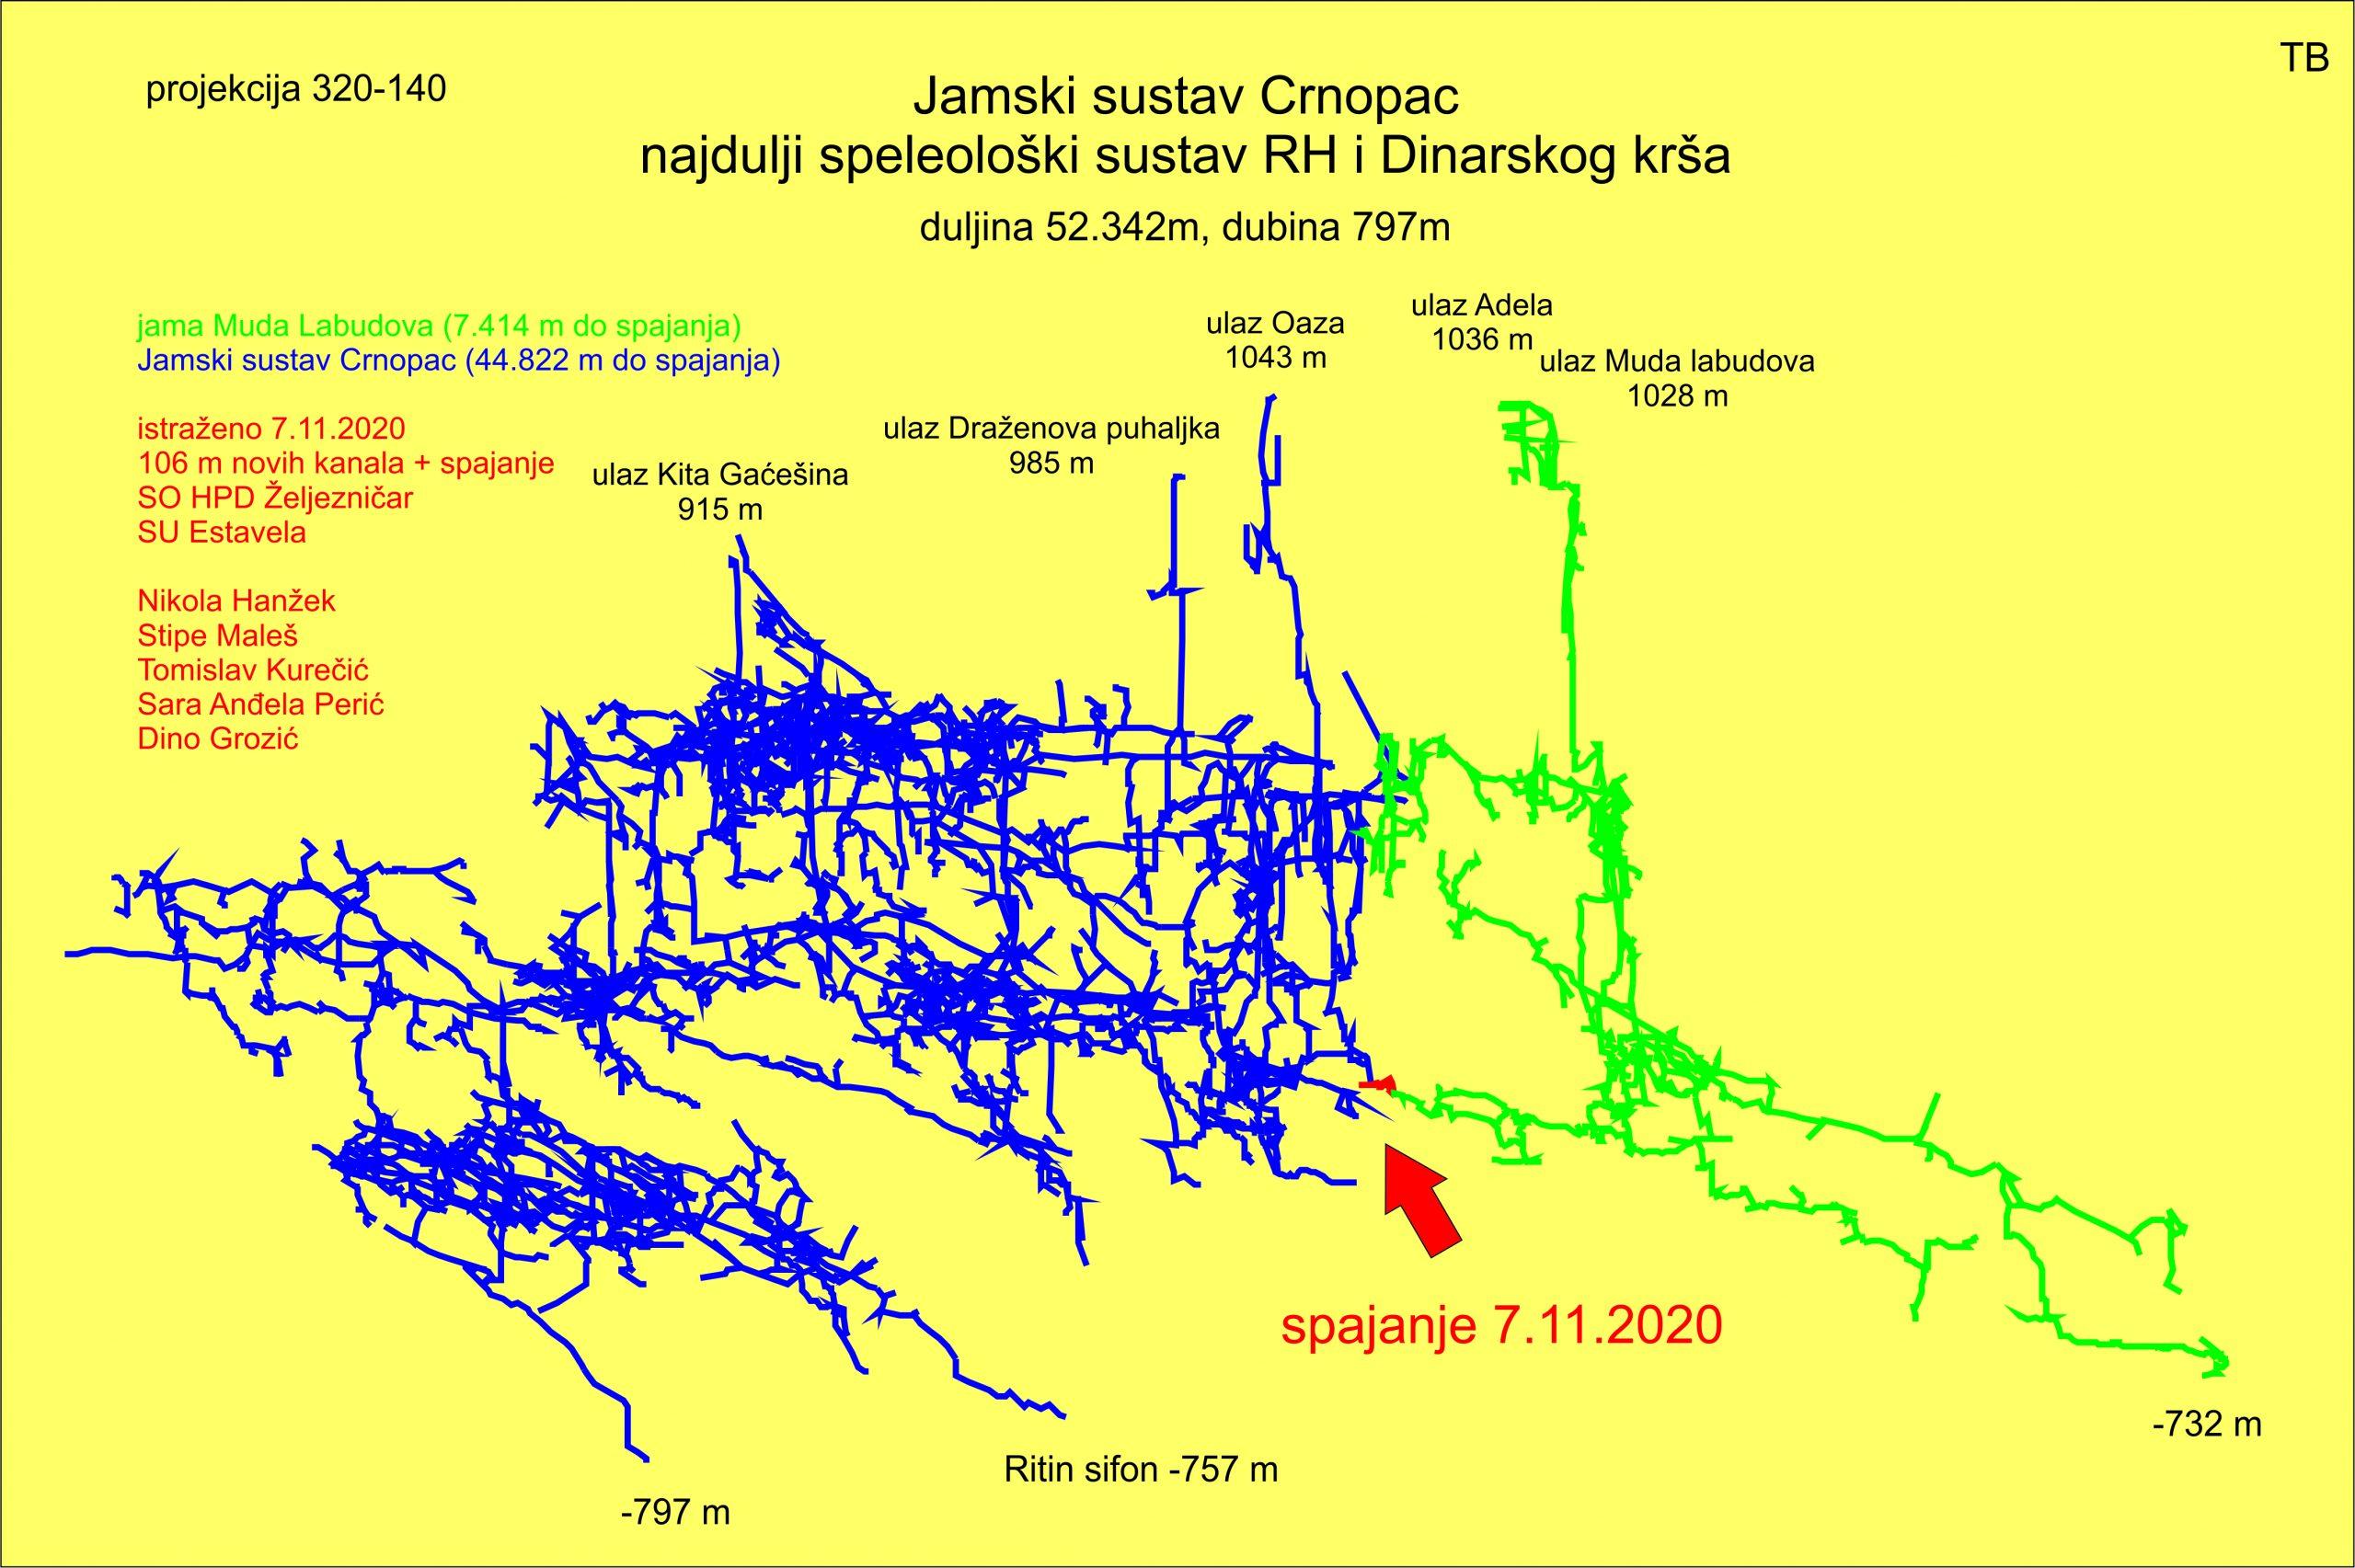 Muda labudova – dva nova ulaza u Jamski sustav Crnopac